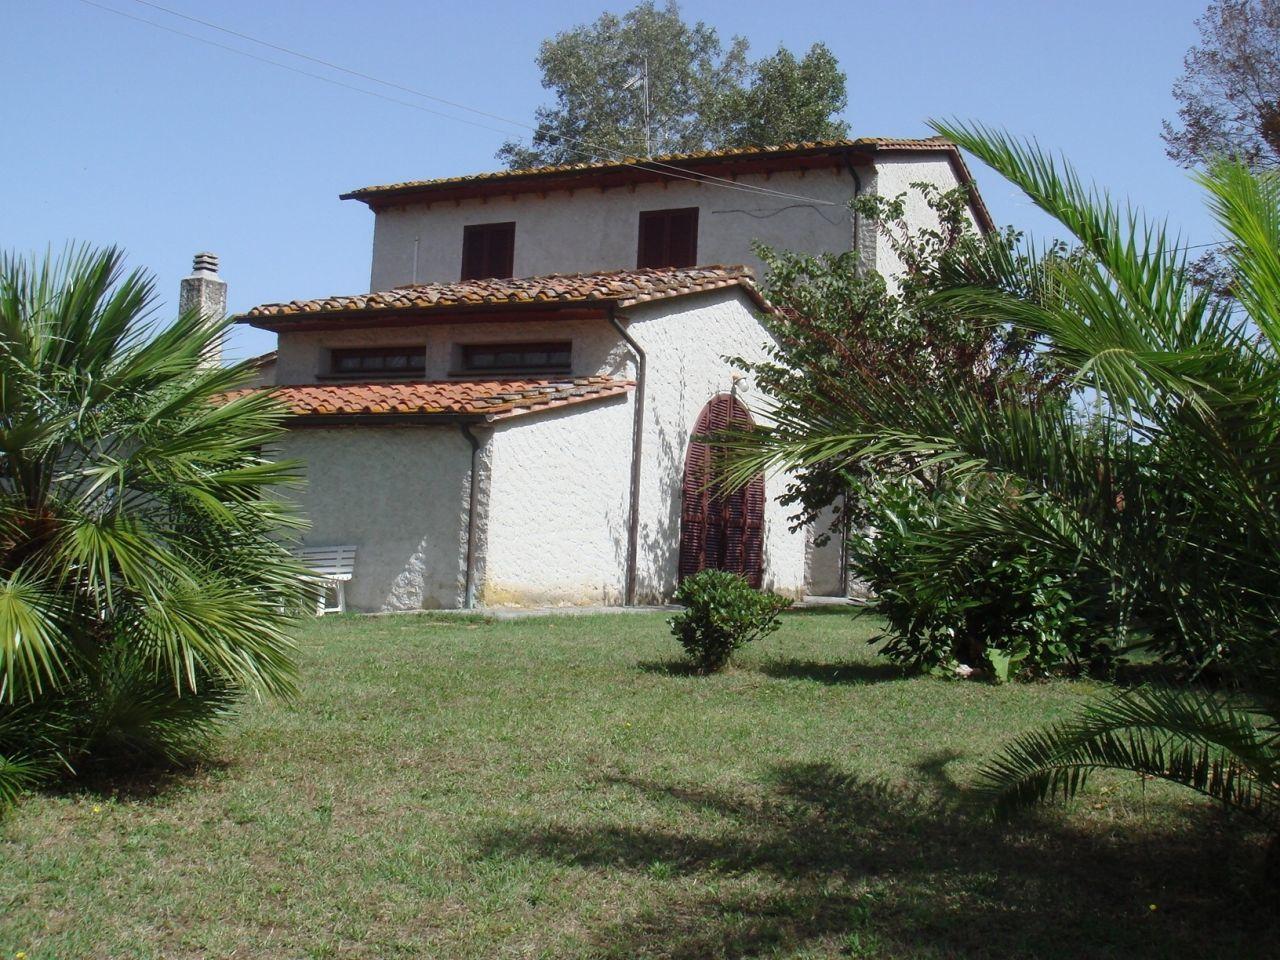 Appartamento in vendita a Crespina Lorenzana, 9999 locali, prezzo € 750.000 | Cambio Casa.it